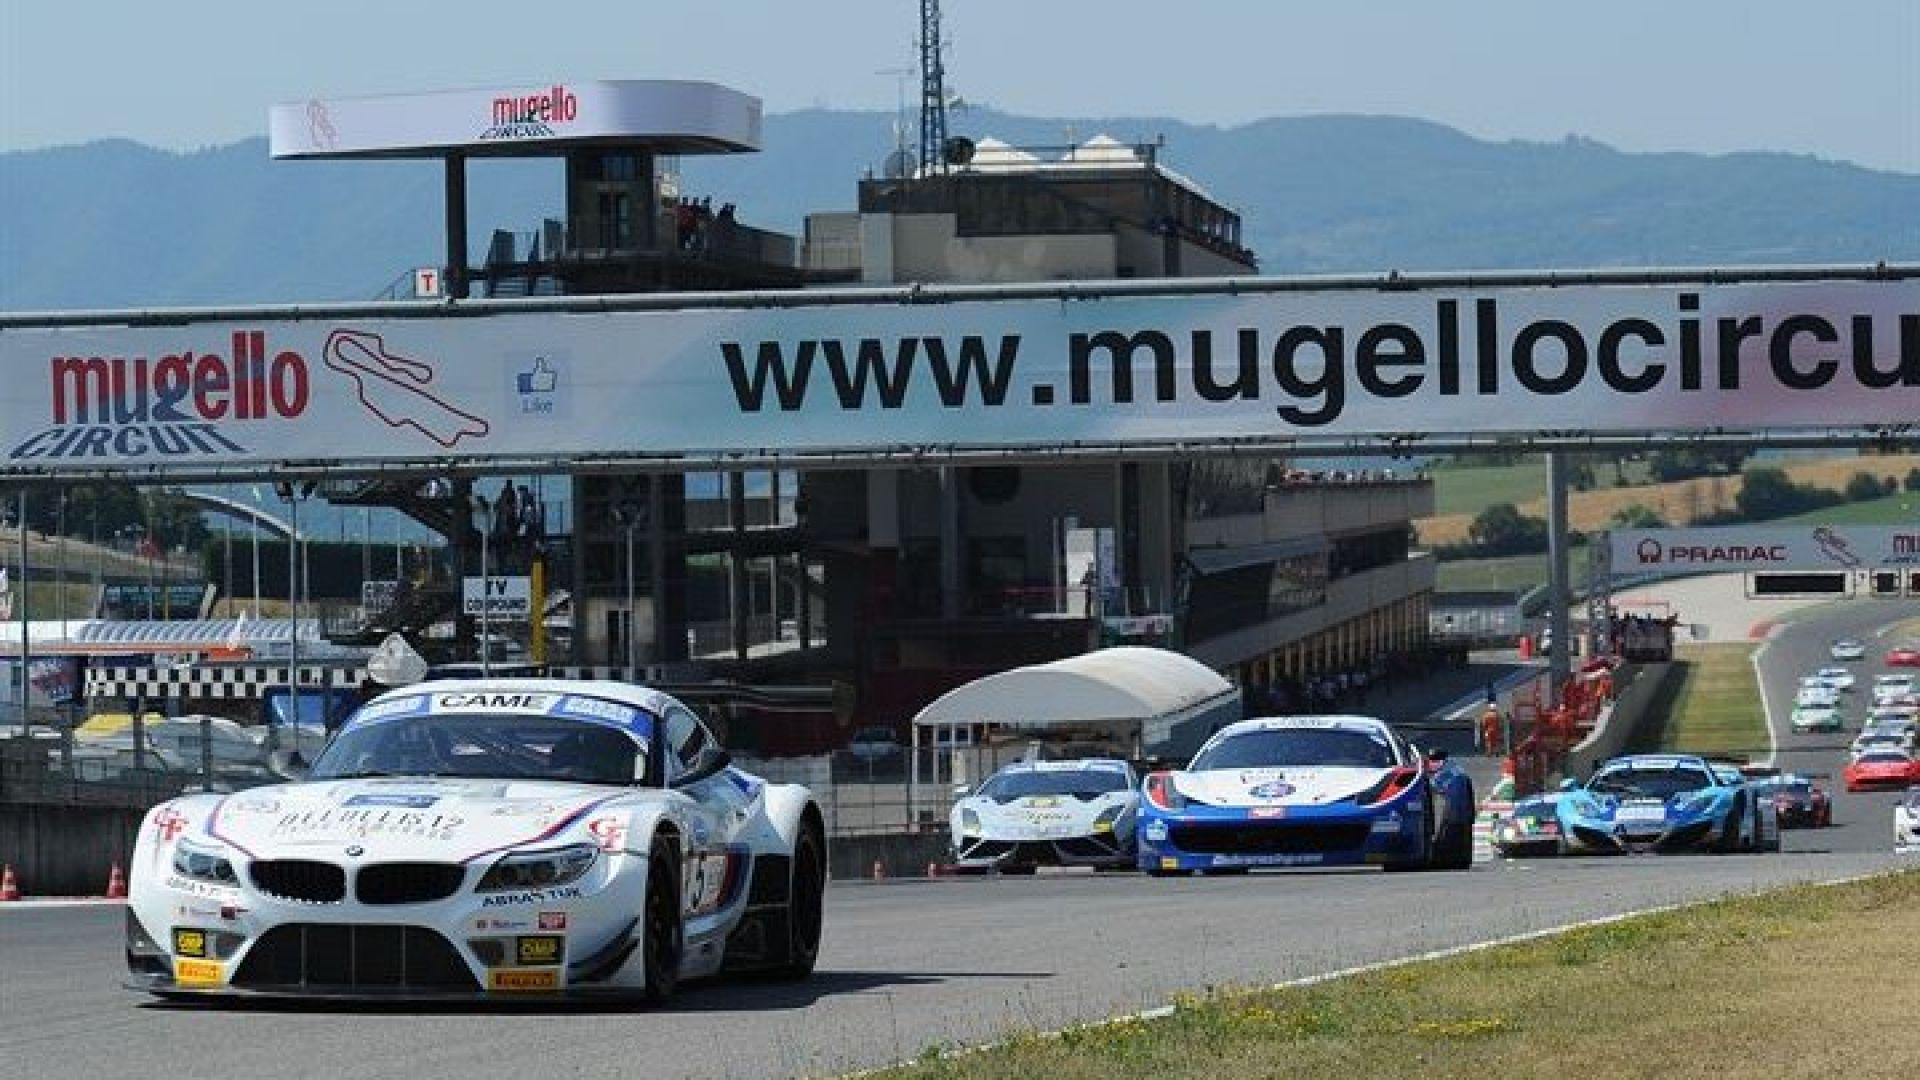 Circuito Del Mugello : Campionato gt italiano 2017: campionato gt italiano 2017: circuito